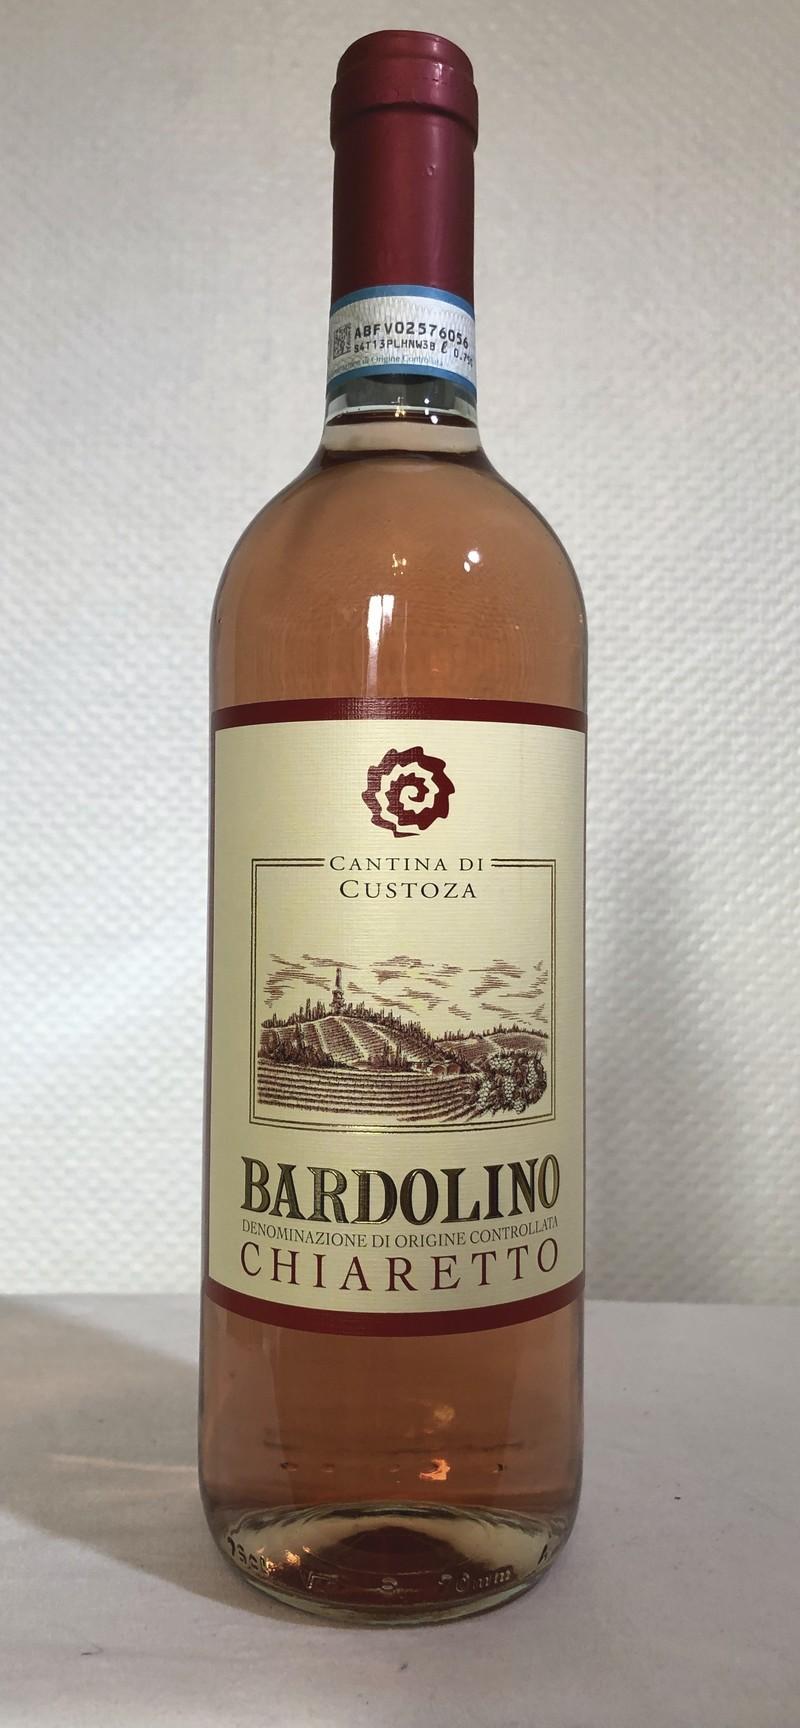 Bardolino Chiaretto - Voir en grand